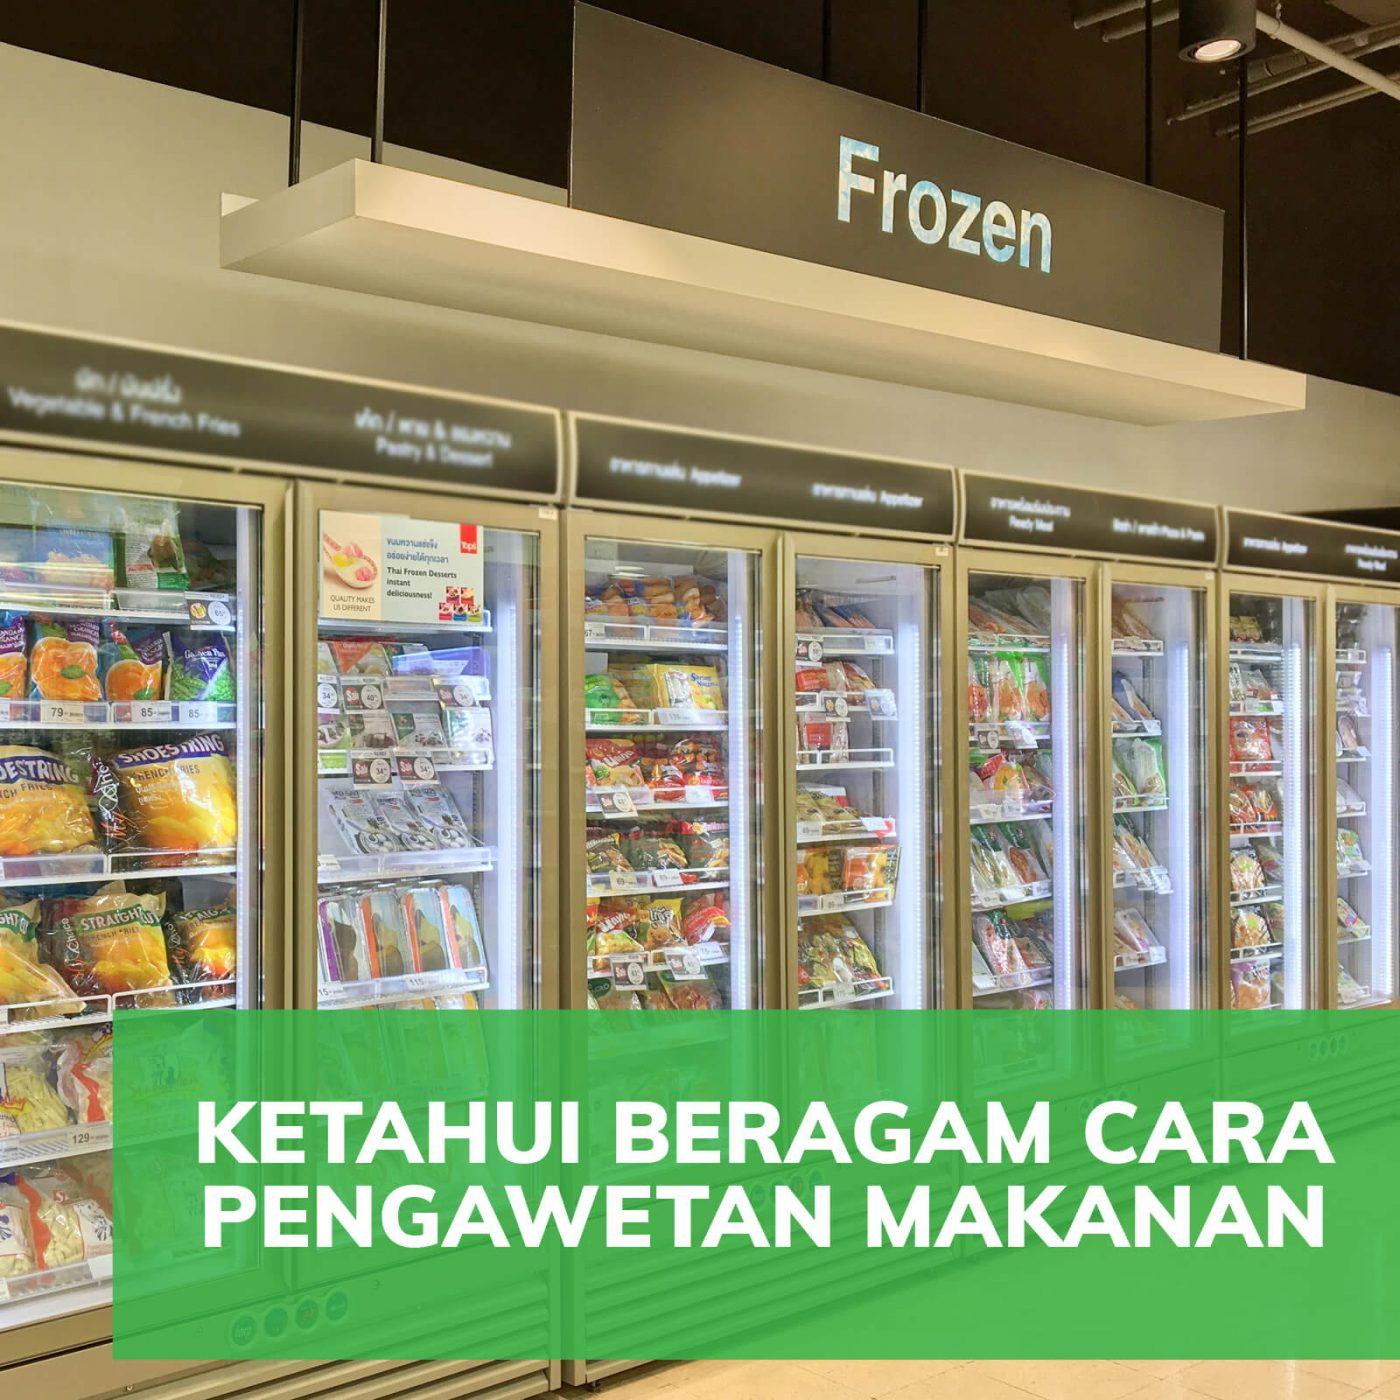 Image KETAHUI BERAGAM CARA PENGAWETAN MAKANAN